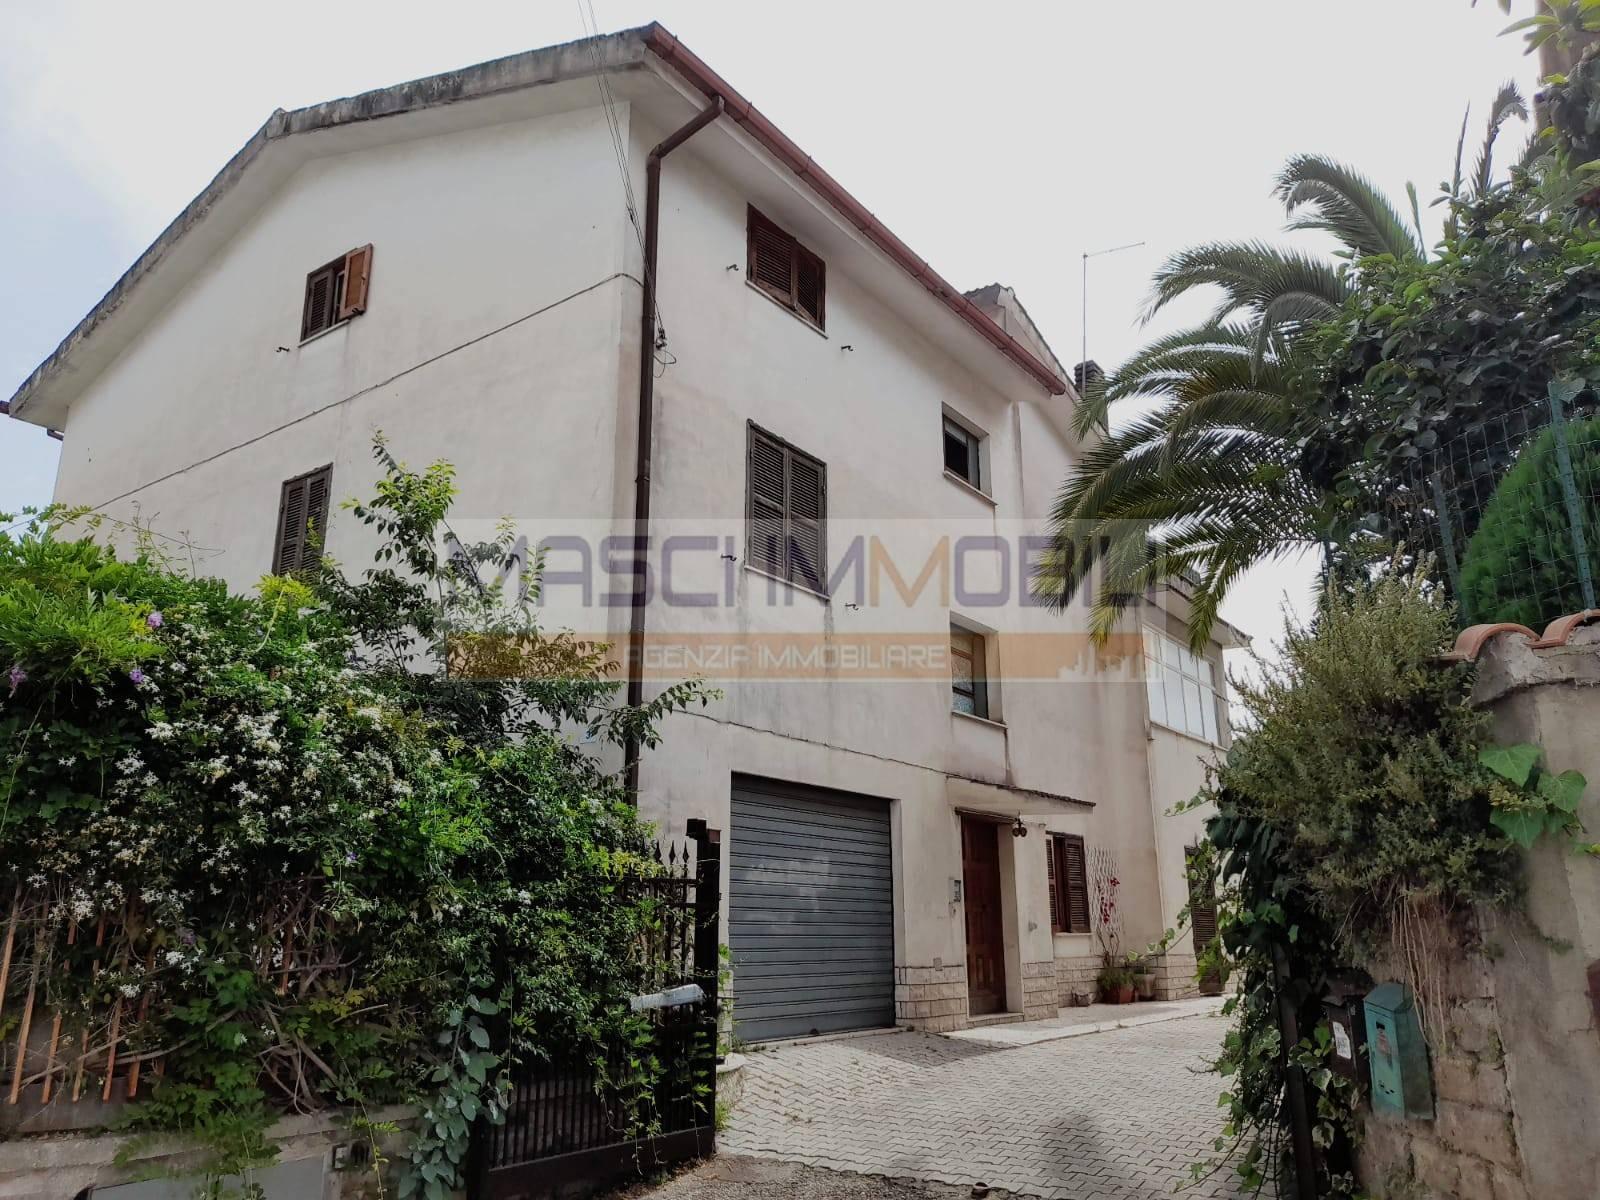 Appartamento in vendita a Fiano Romano, 3 locali, prezzo € 90.000 | CambioCasa.it